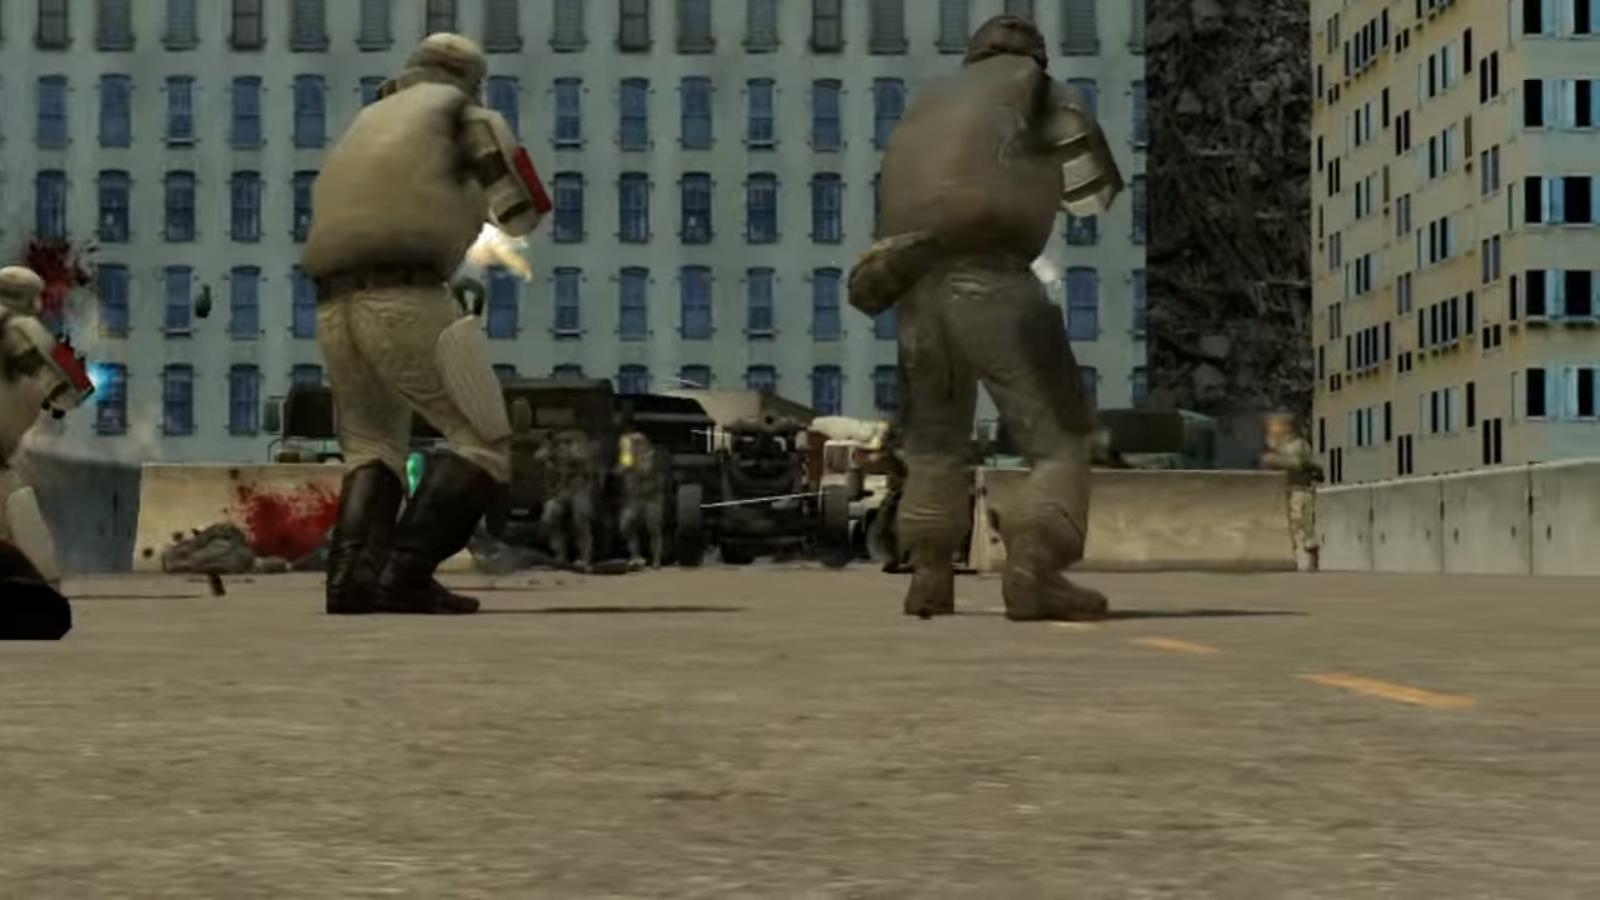 Combine Soldier | Garry's Mod Zombie Apocalypse Wikia | FANDOM